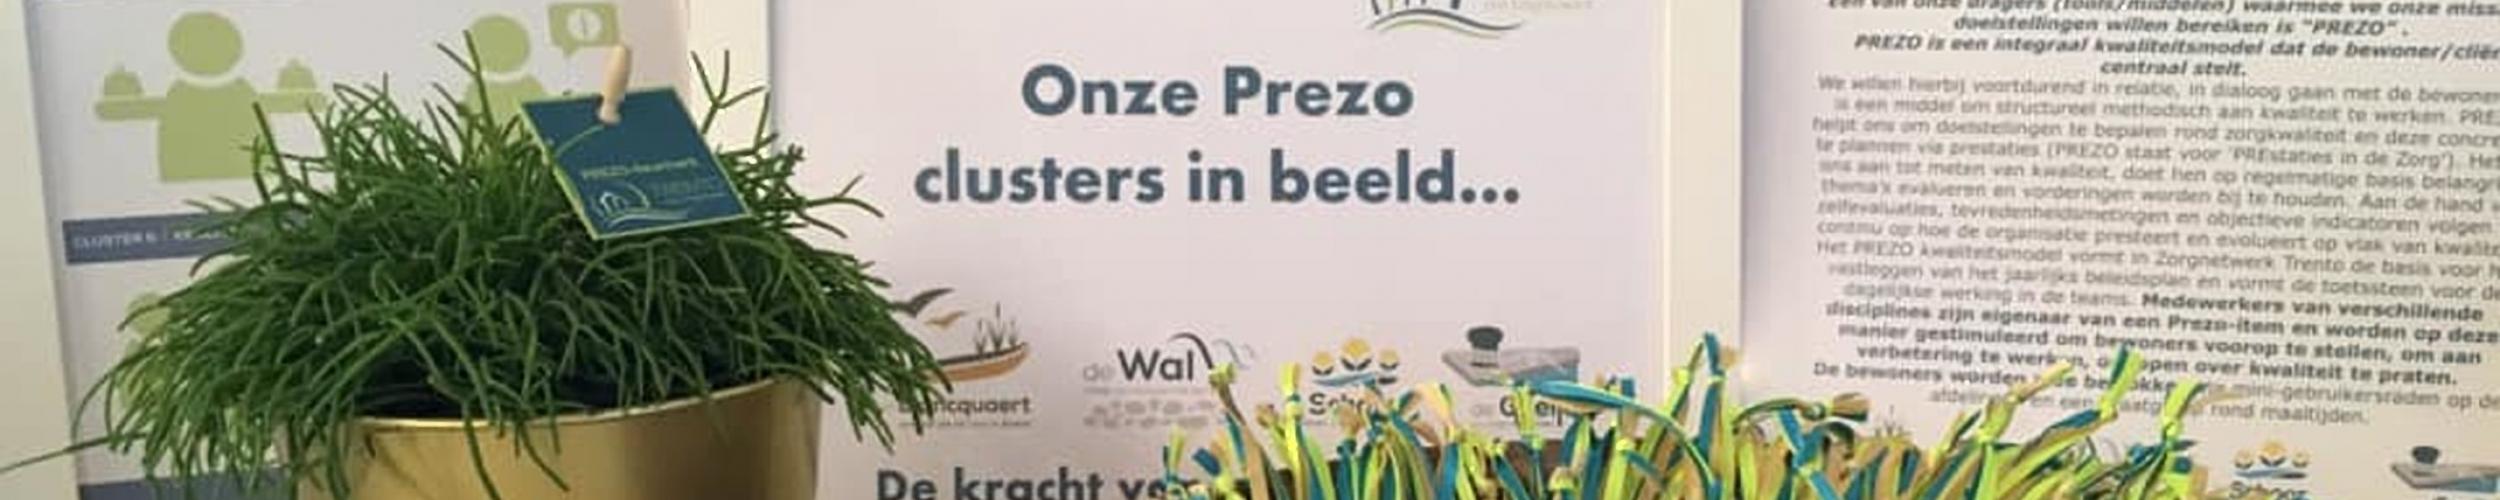 Zorgnetwerk Trento behaalt met WZC Sint-Jozef het Prezo-Keurmerk: Excellentie in zorg en beleid